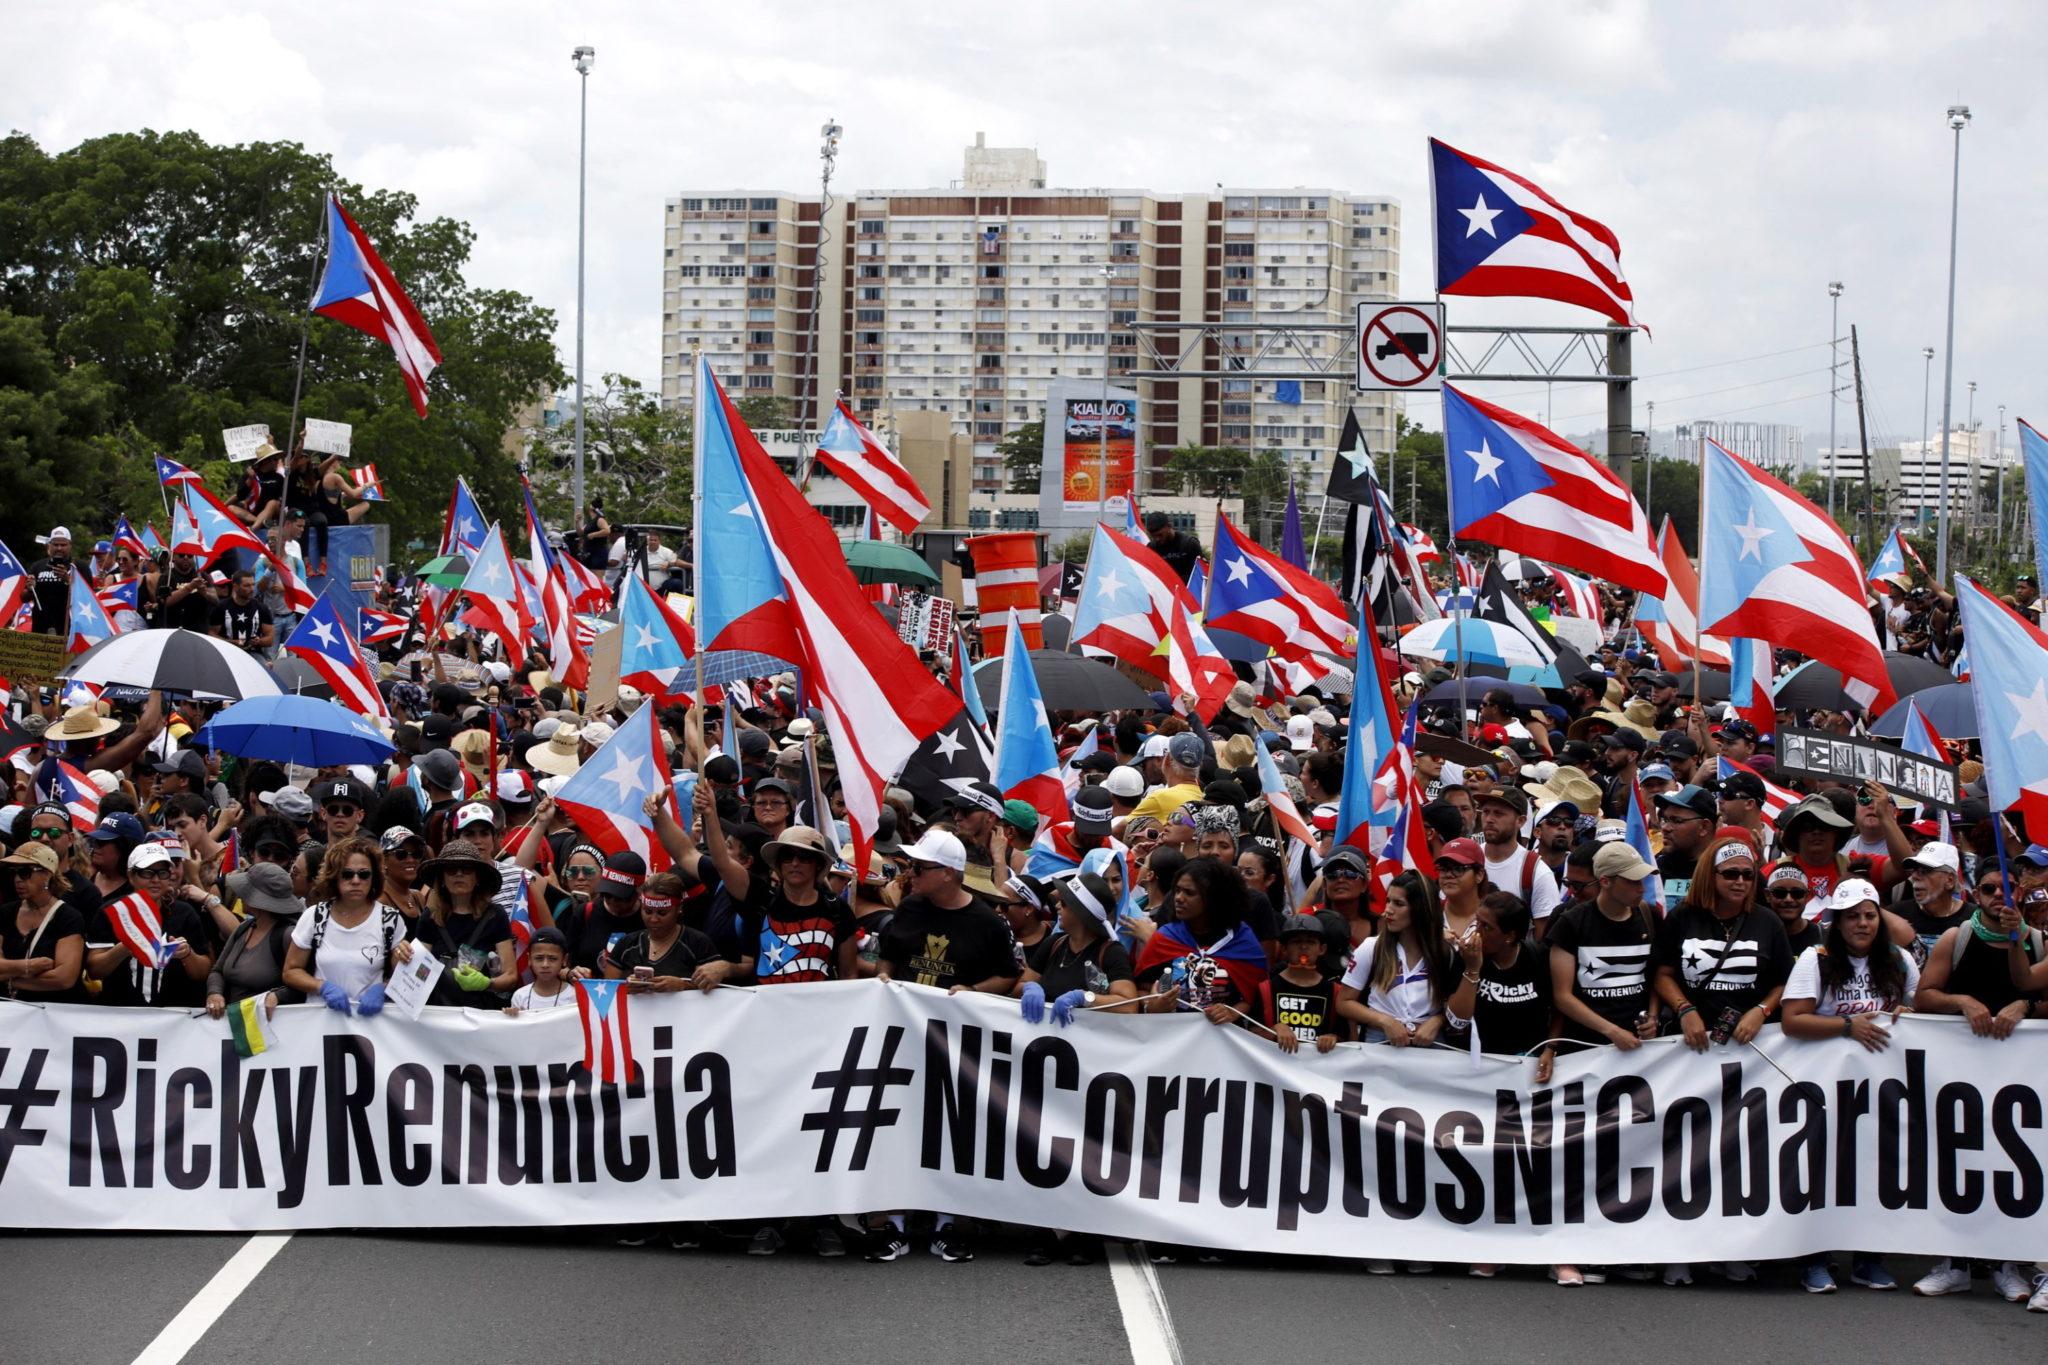 W krótkim materiale filmowym, jaki opublikował na Facebooku, Rossello zapowiedział, że stawi czoła wszelkim próbom zainicjowania wobec niego procedury impeachmentu. 40-letni Ricardo